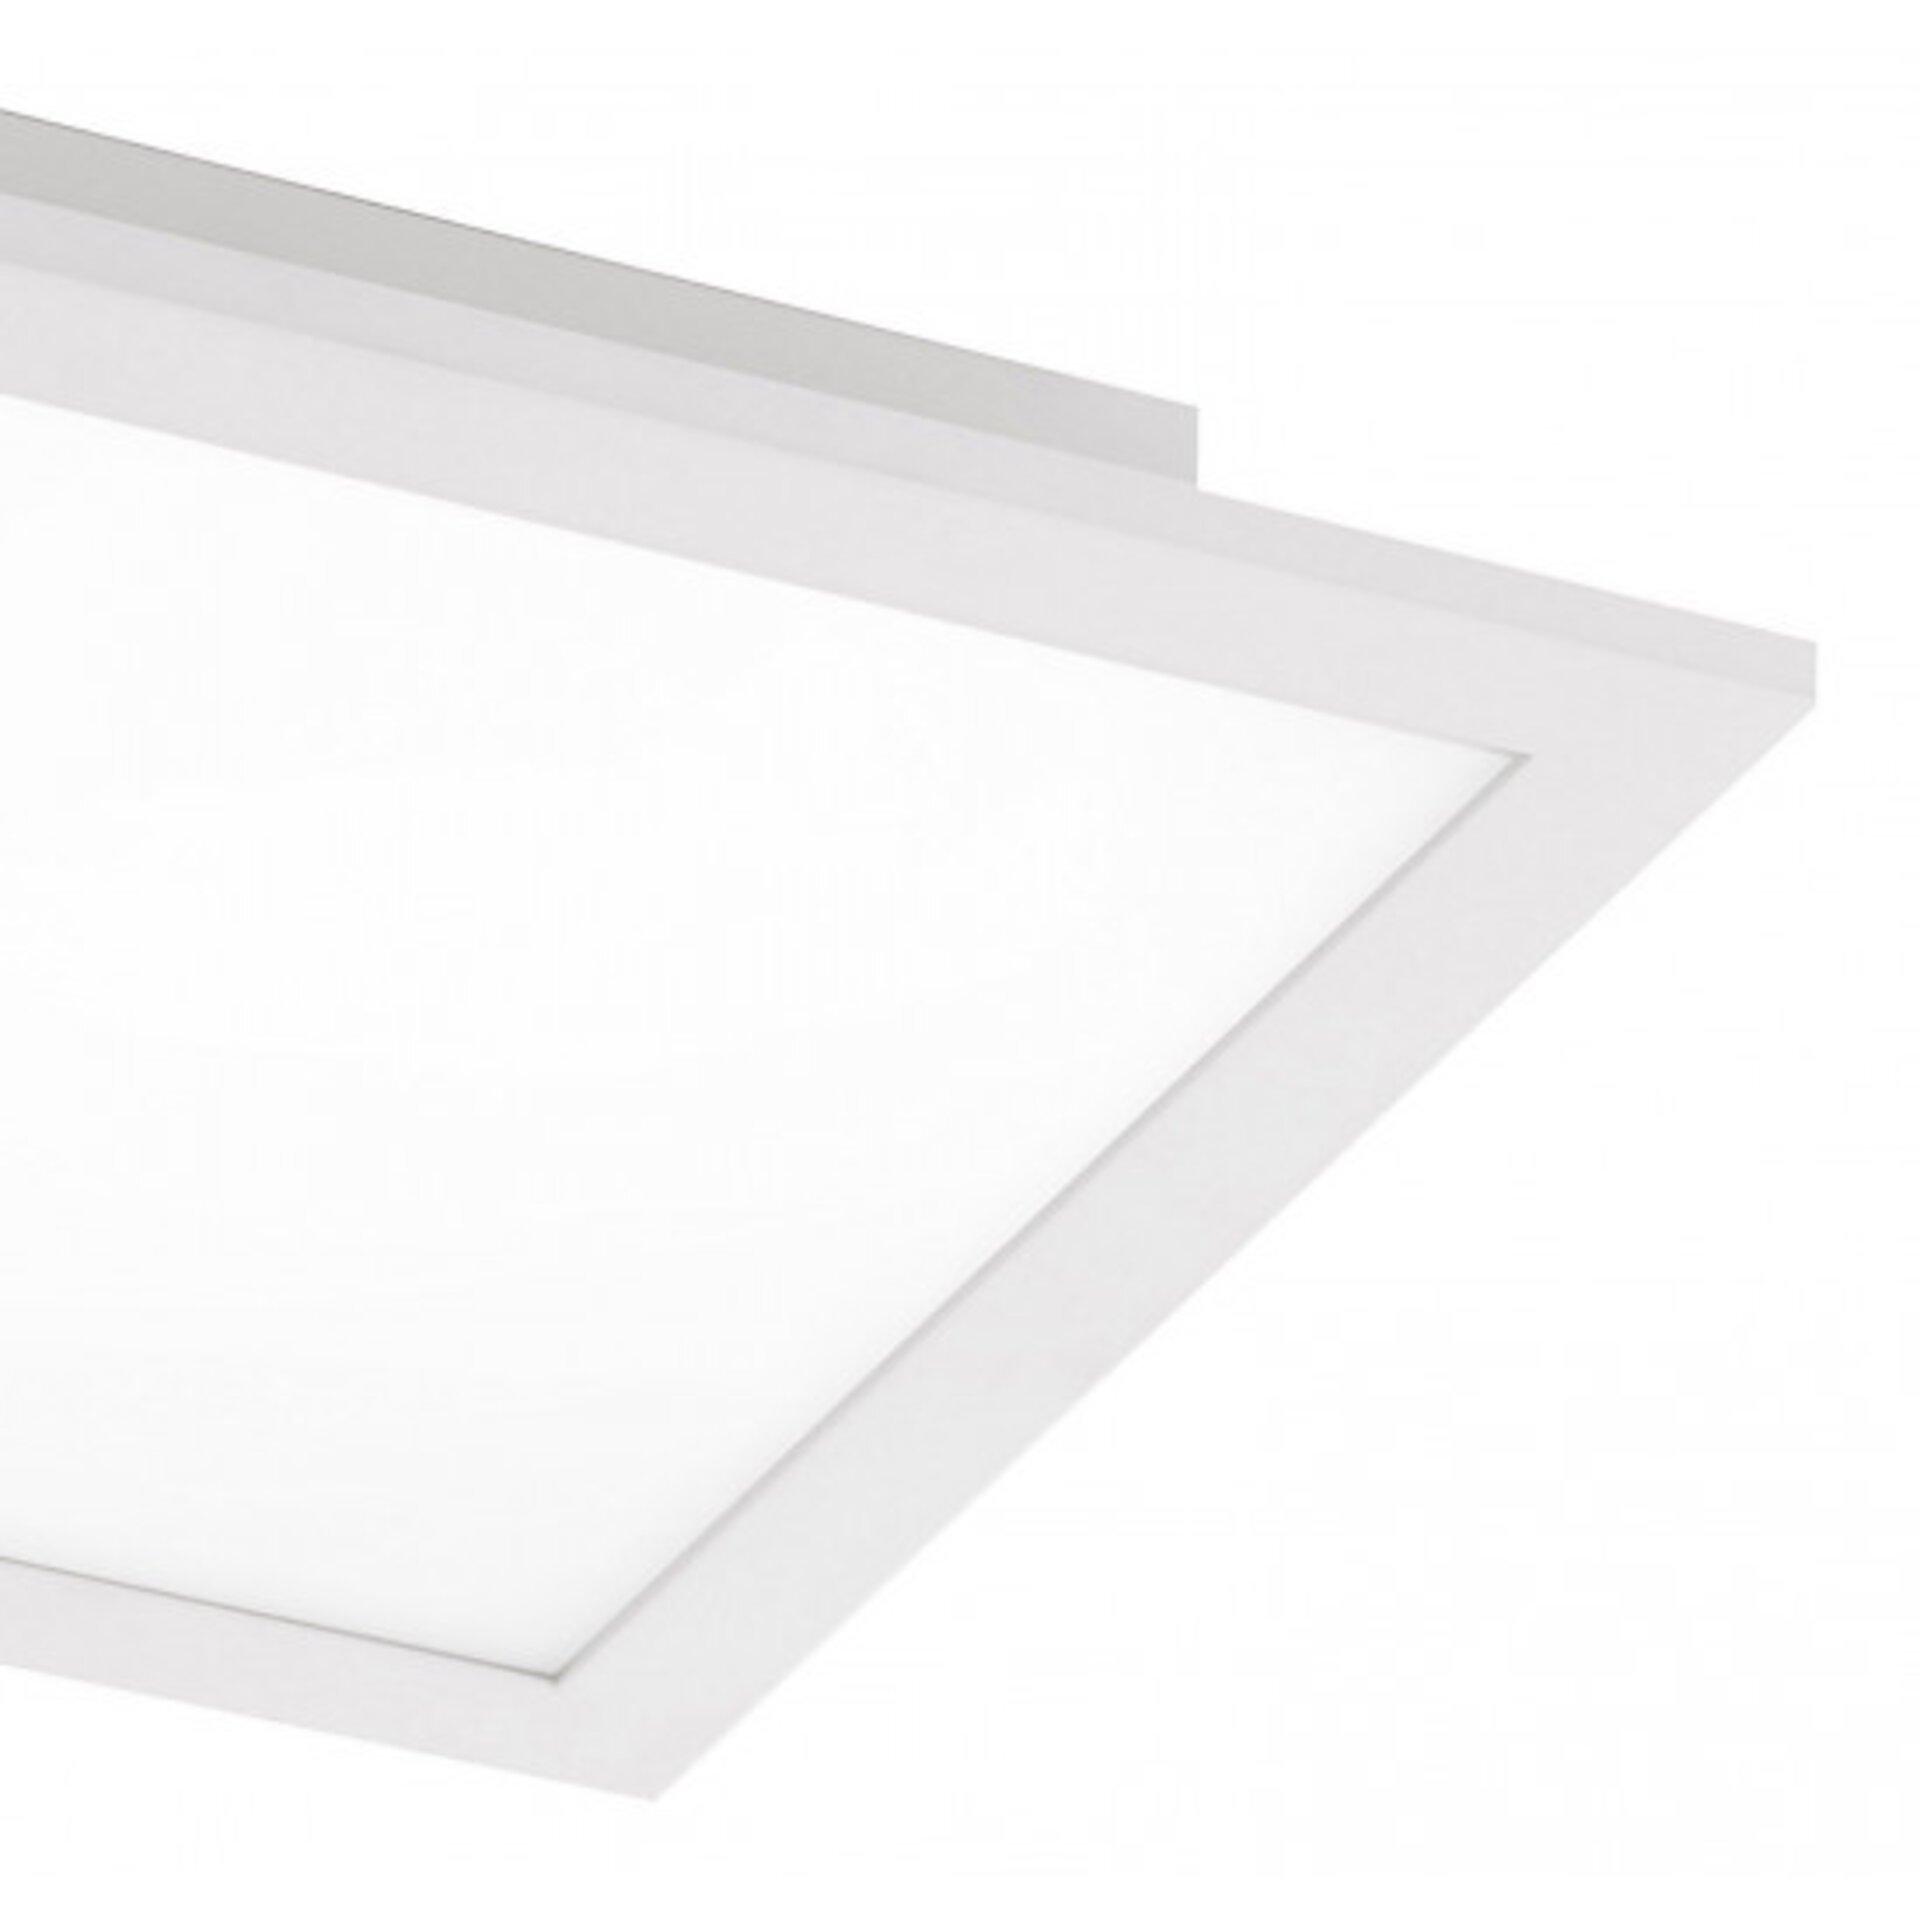 Smart-Home-Leuchten Q-FLAG Paul Neuhaus Metall 30 x 6 x 30 cm